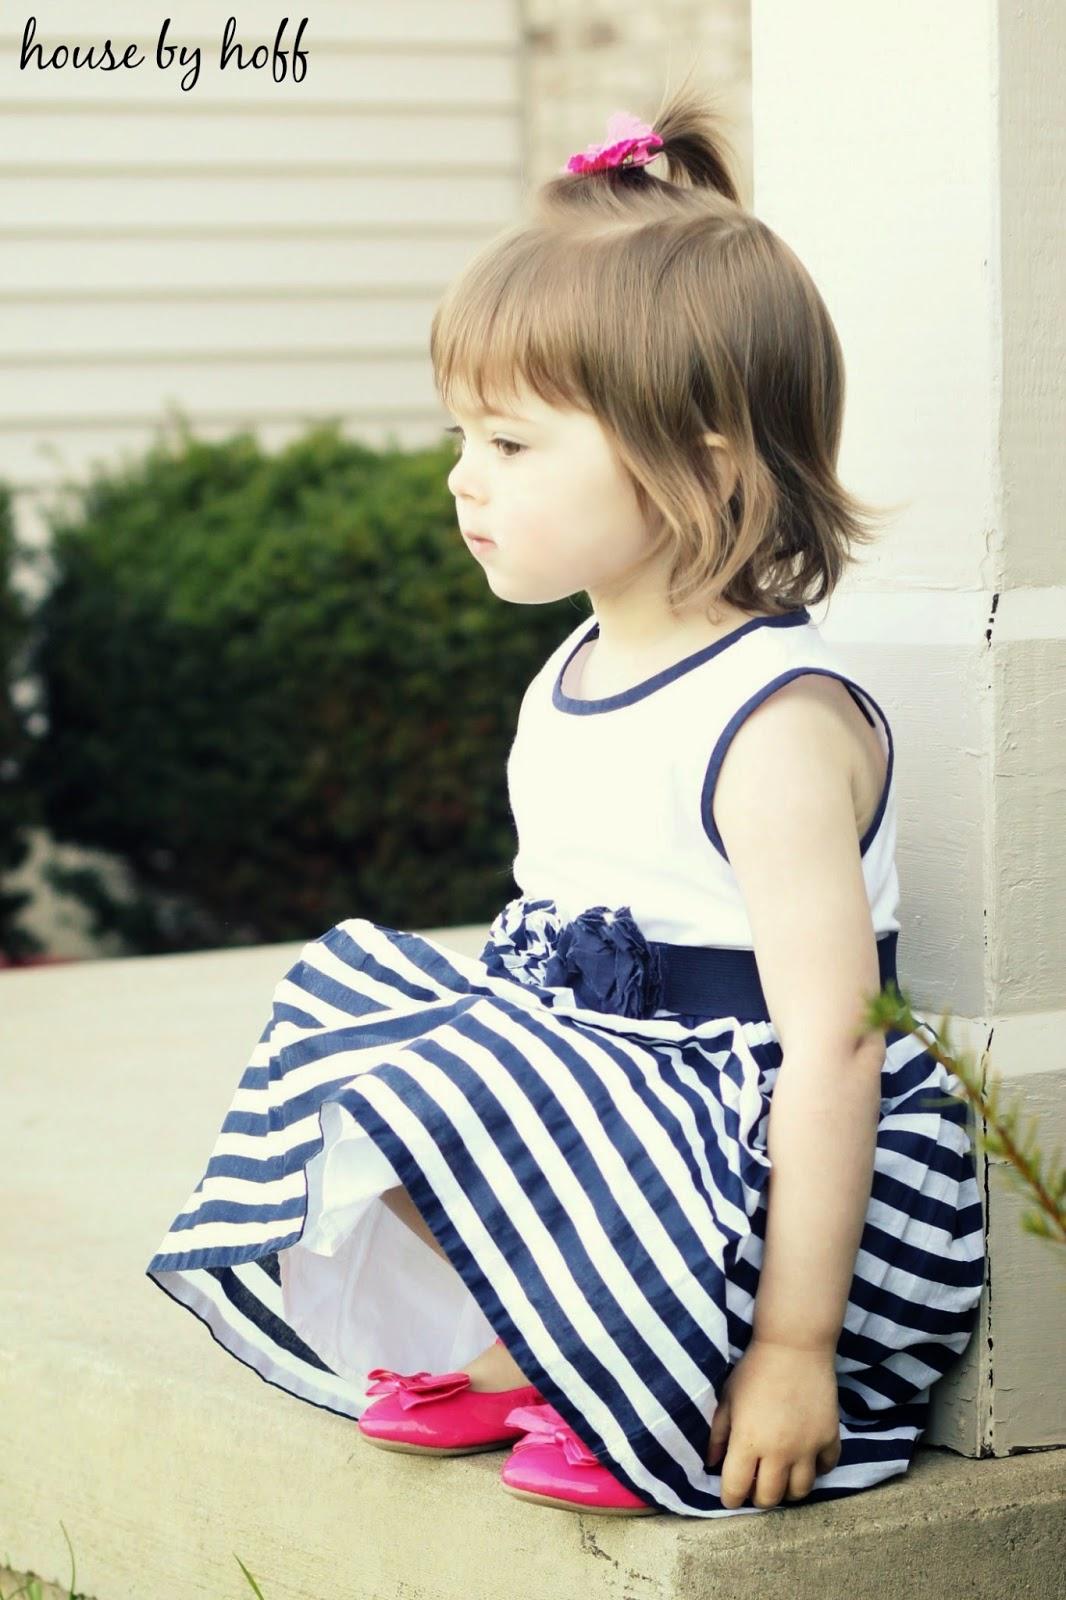 photography ideas via housebyhoff.com